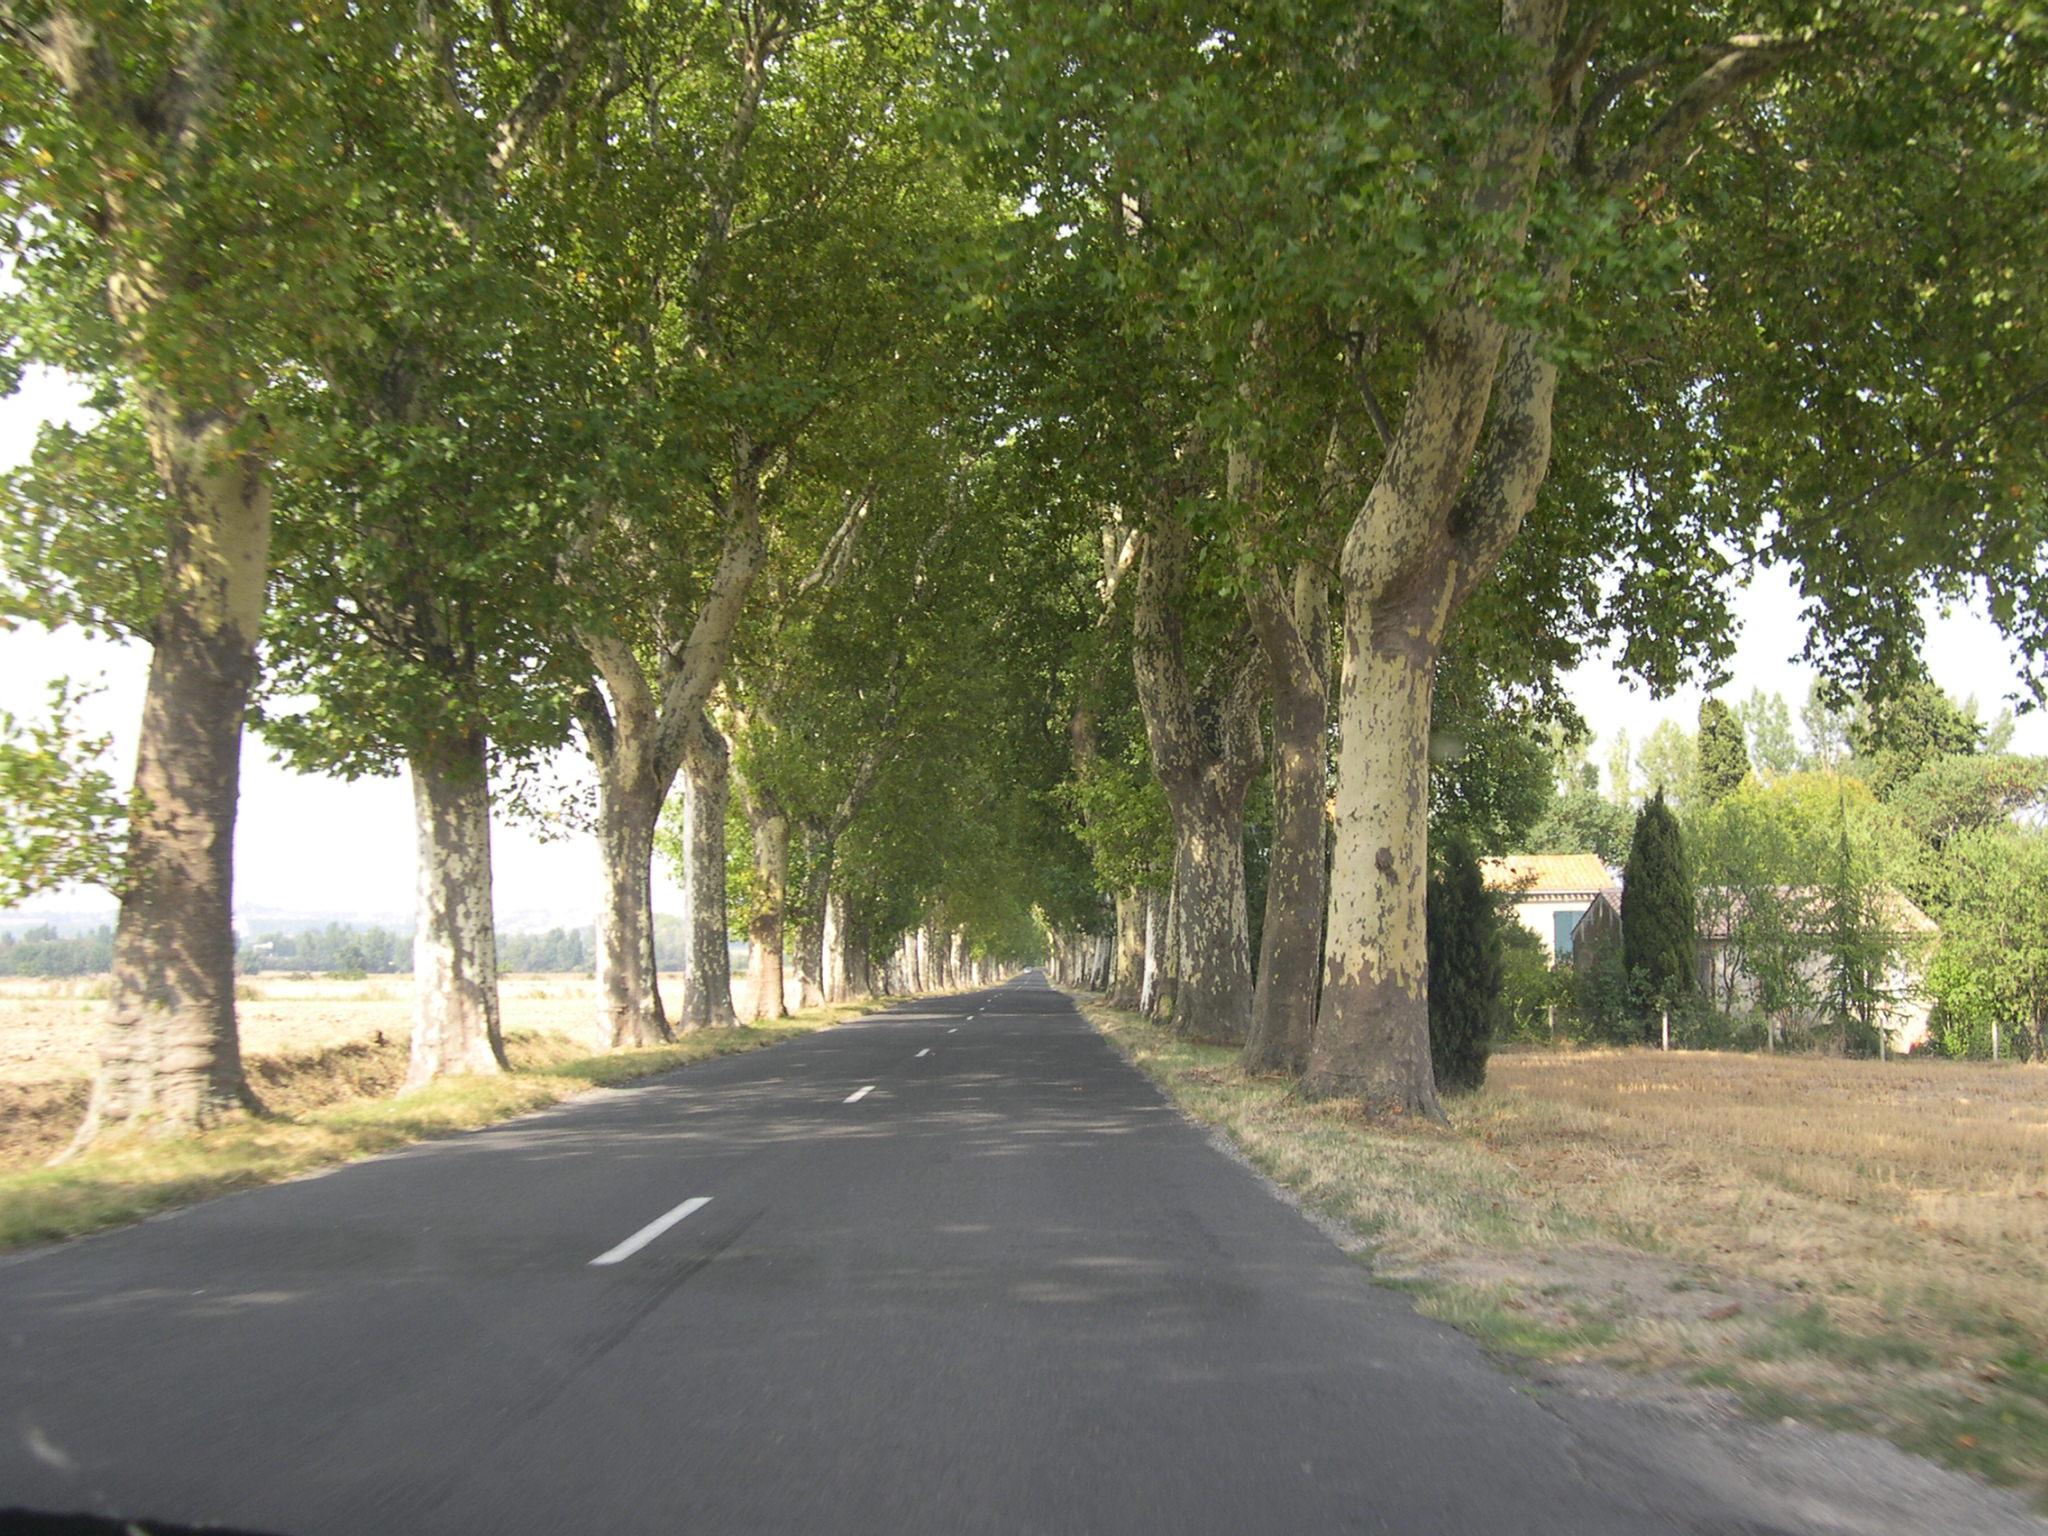 Photo d'une route départementale française bordée de platanes, près de Castelnaudary.